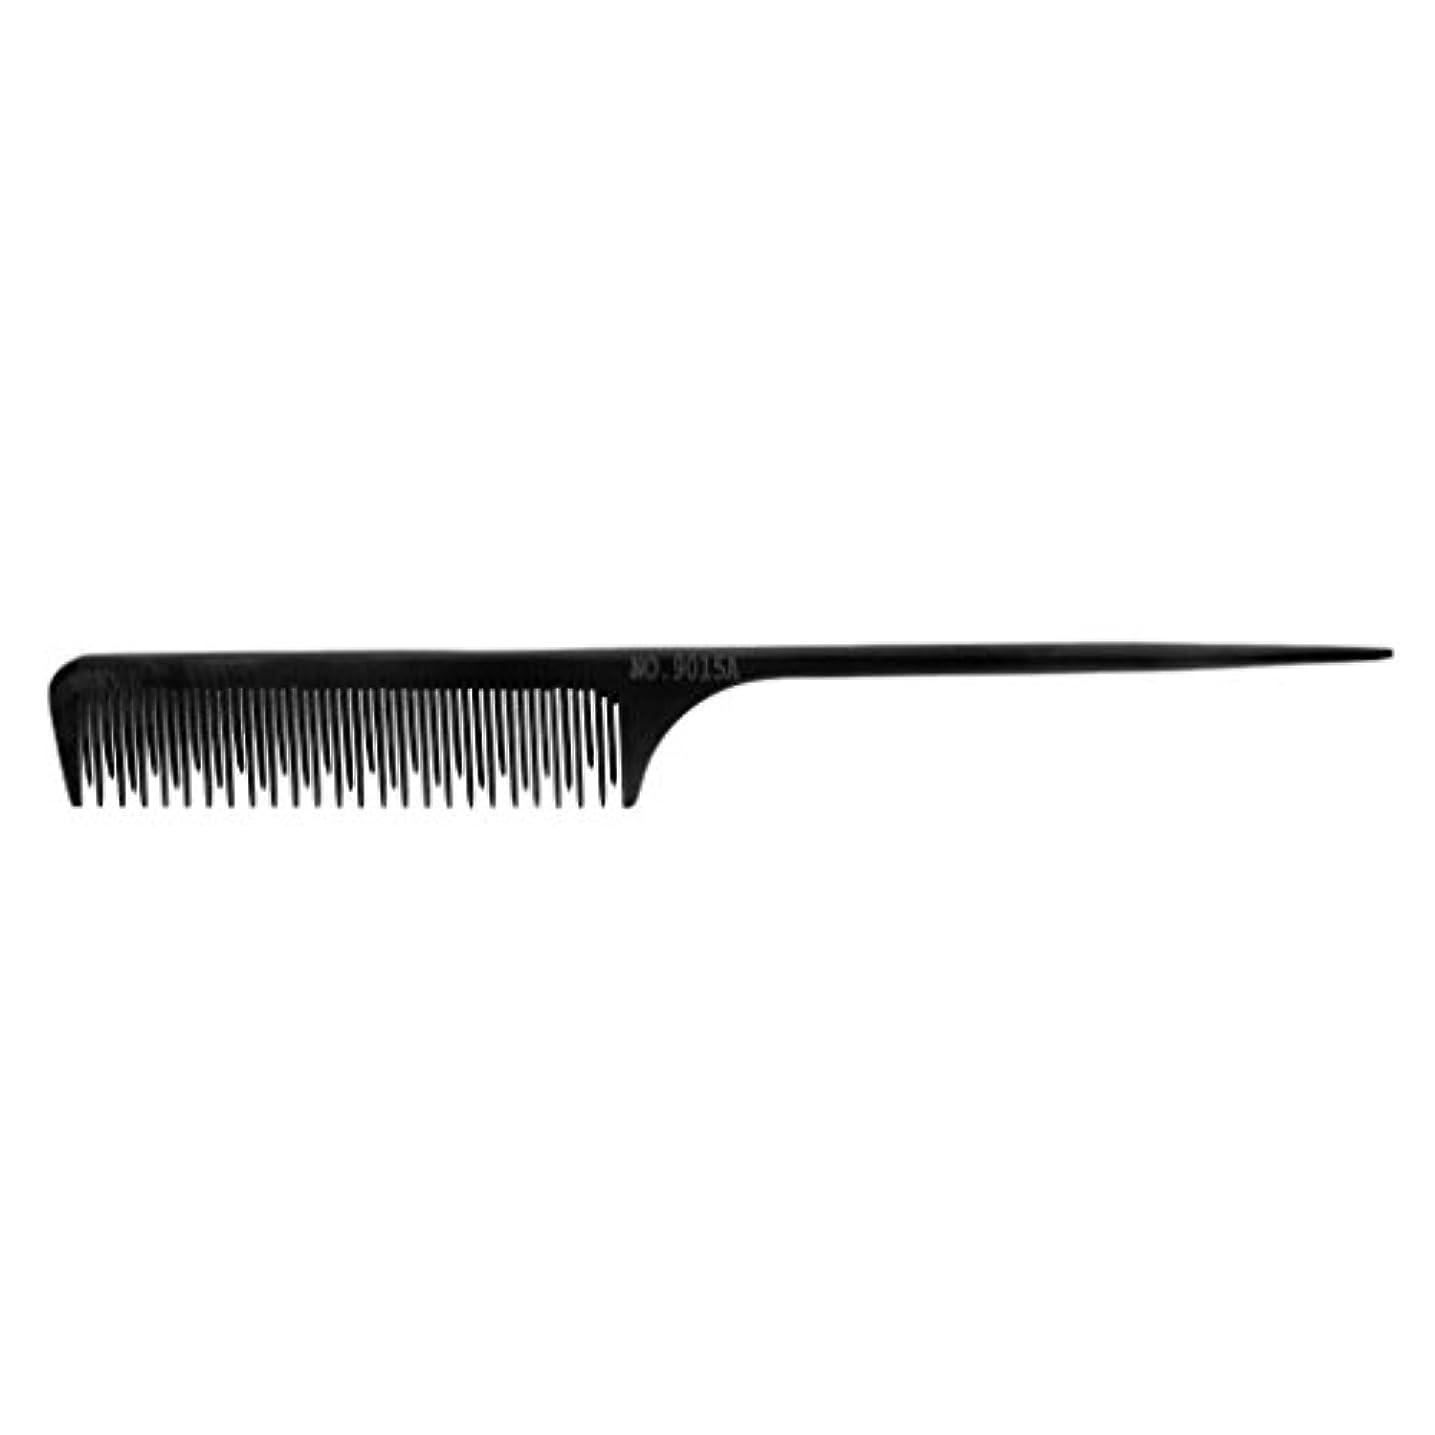 ドナウ川無知極めてHomyl テールコーム 櫛 コーム サロン 理髪師 テールチップ スタイリングツール 耐久性 耐熱性